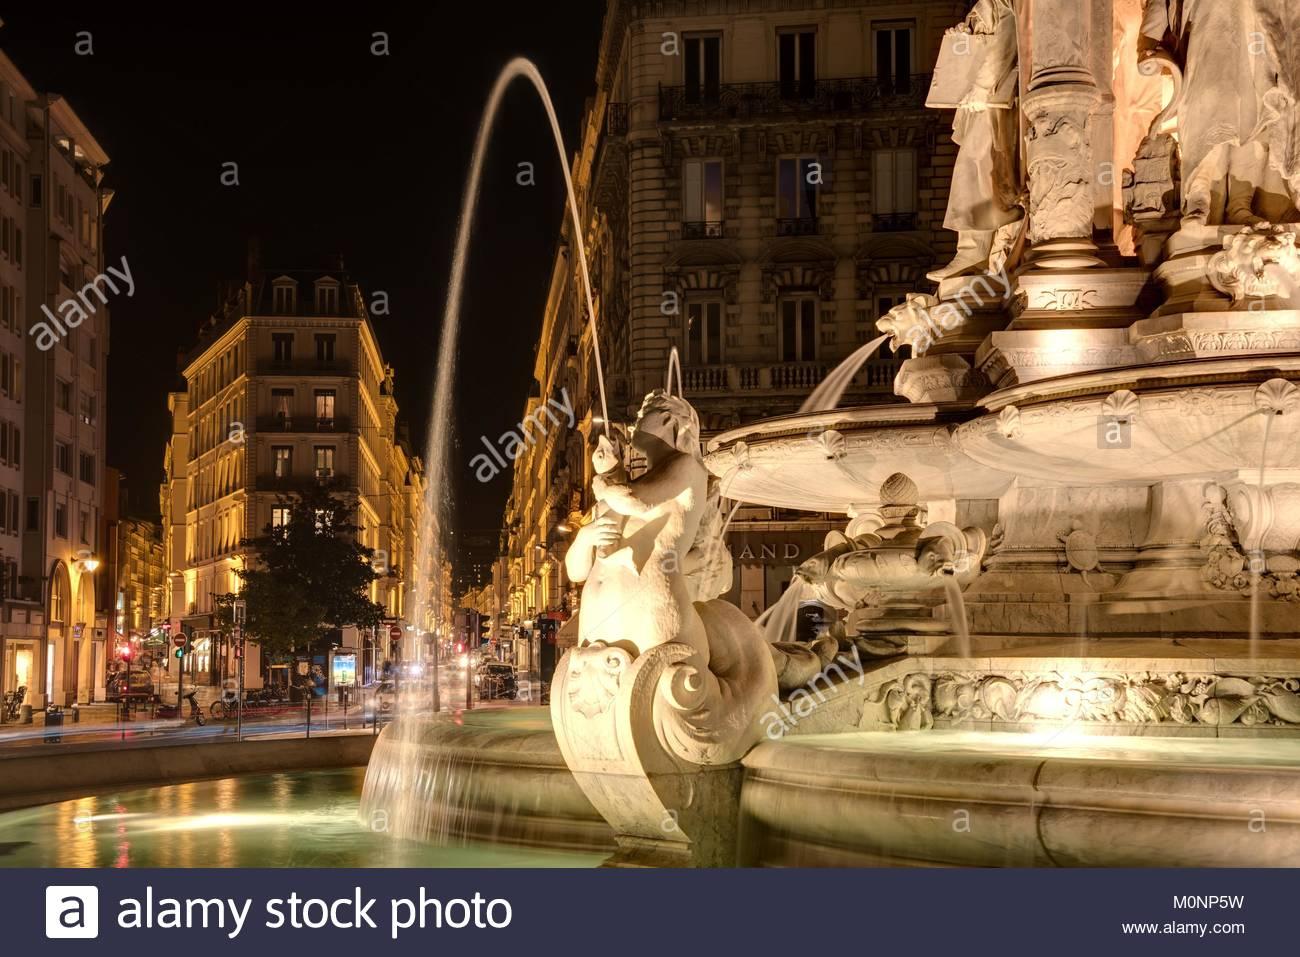 Lyon, Place des Jacobins - Stock Image